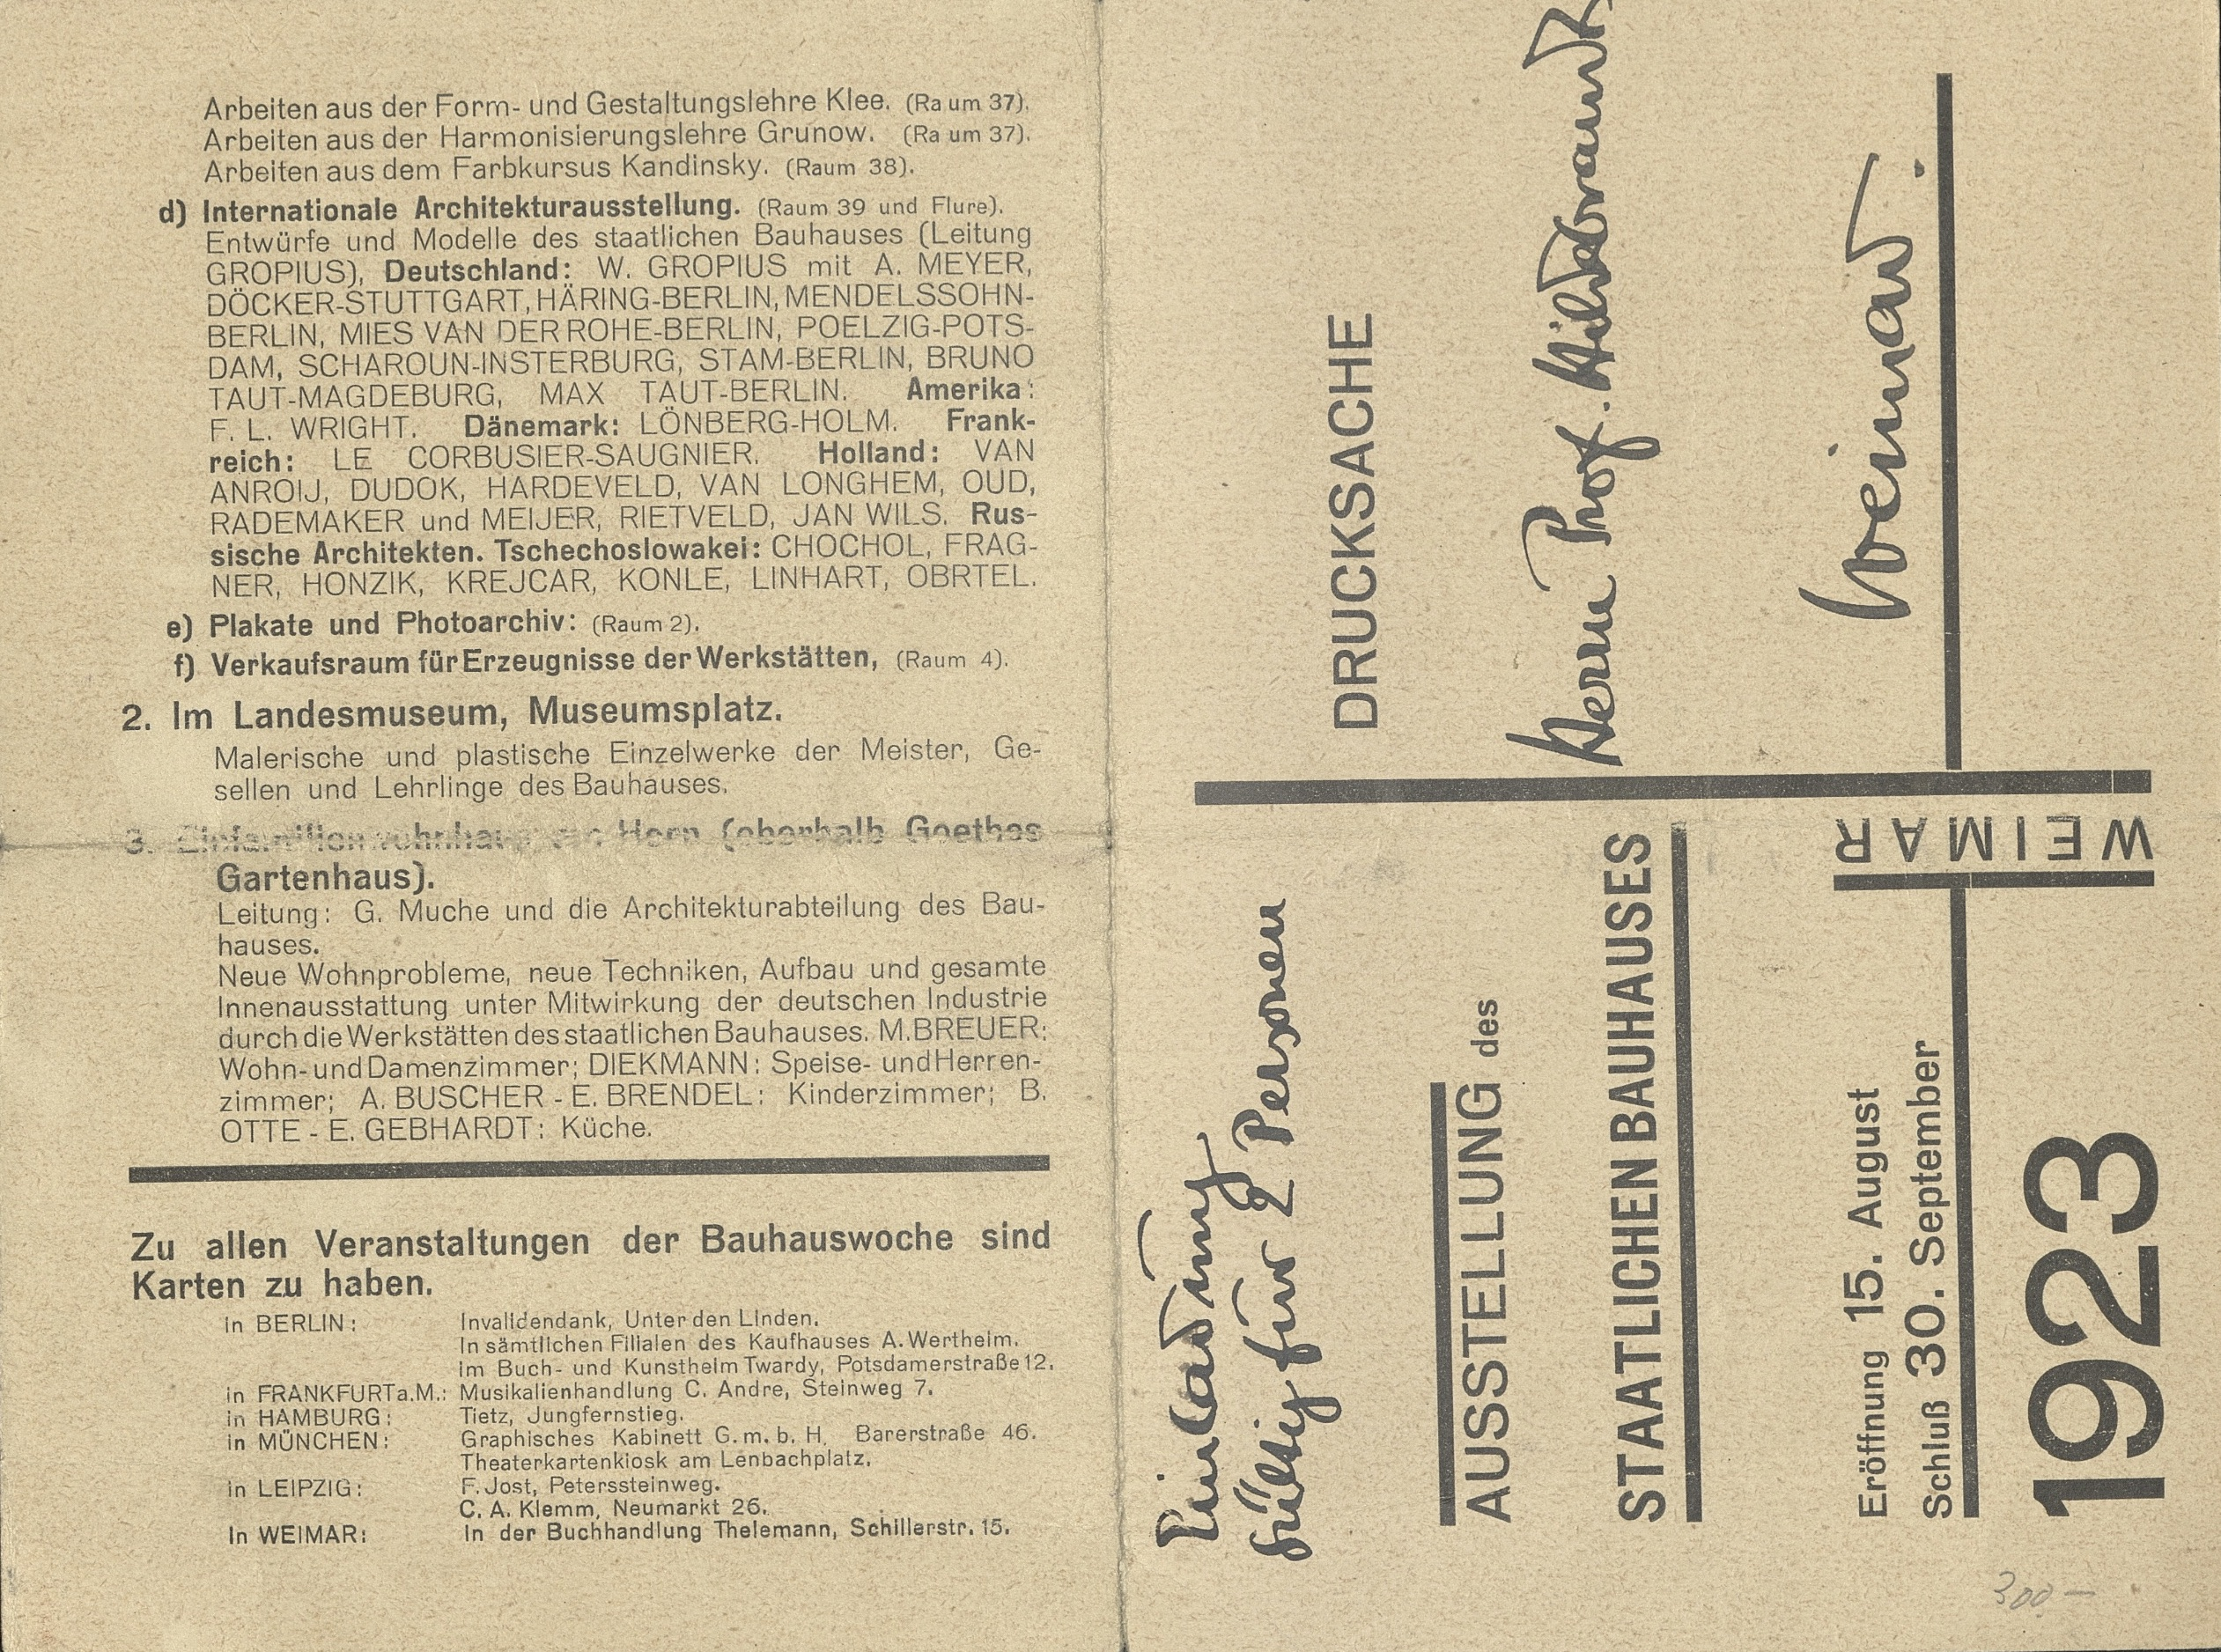 Ausstellung des Staatlichen Bauhauses Weimar, 1923 (Program) Archiv der Avantgarden, Staatliche Kunstsammlungen Dresden